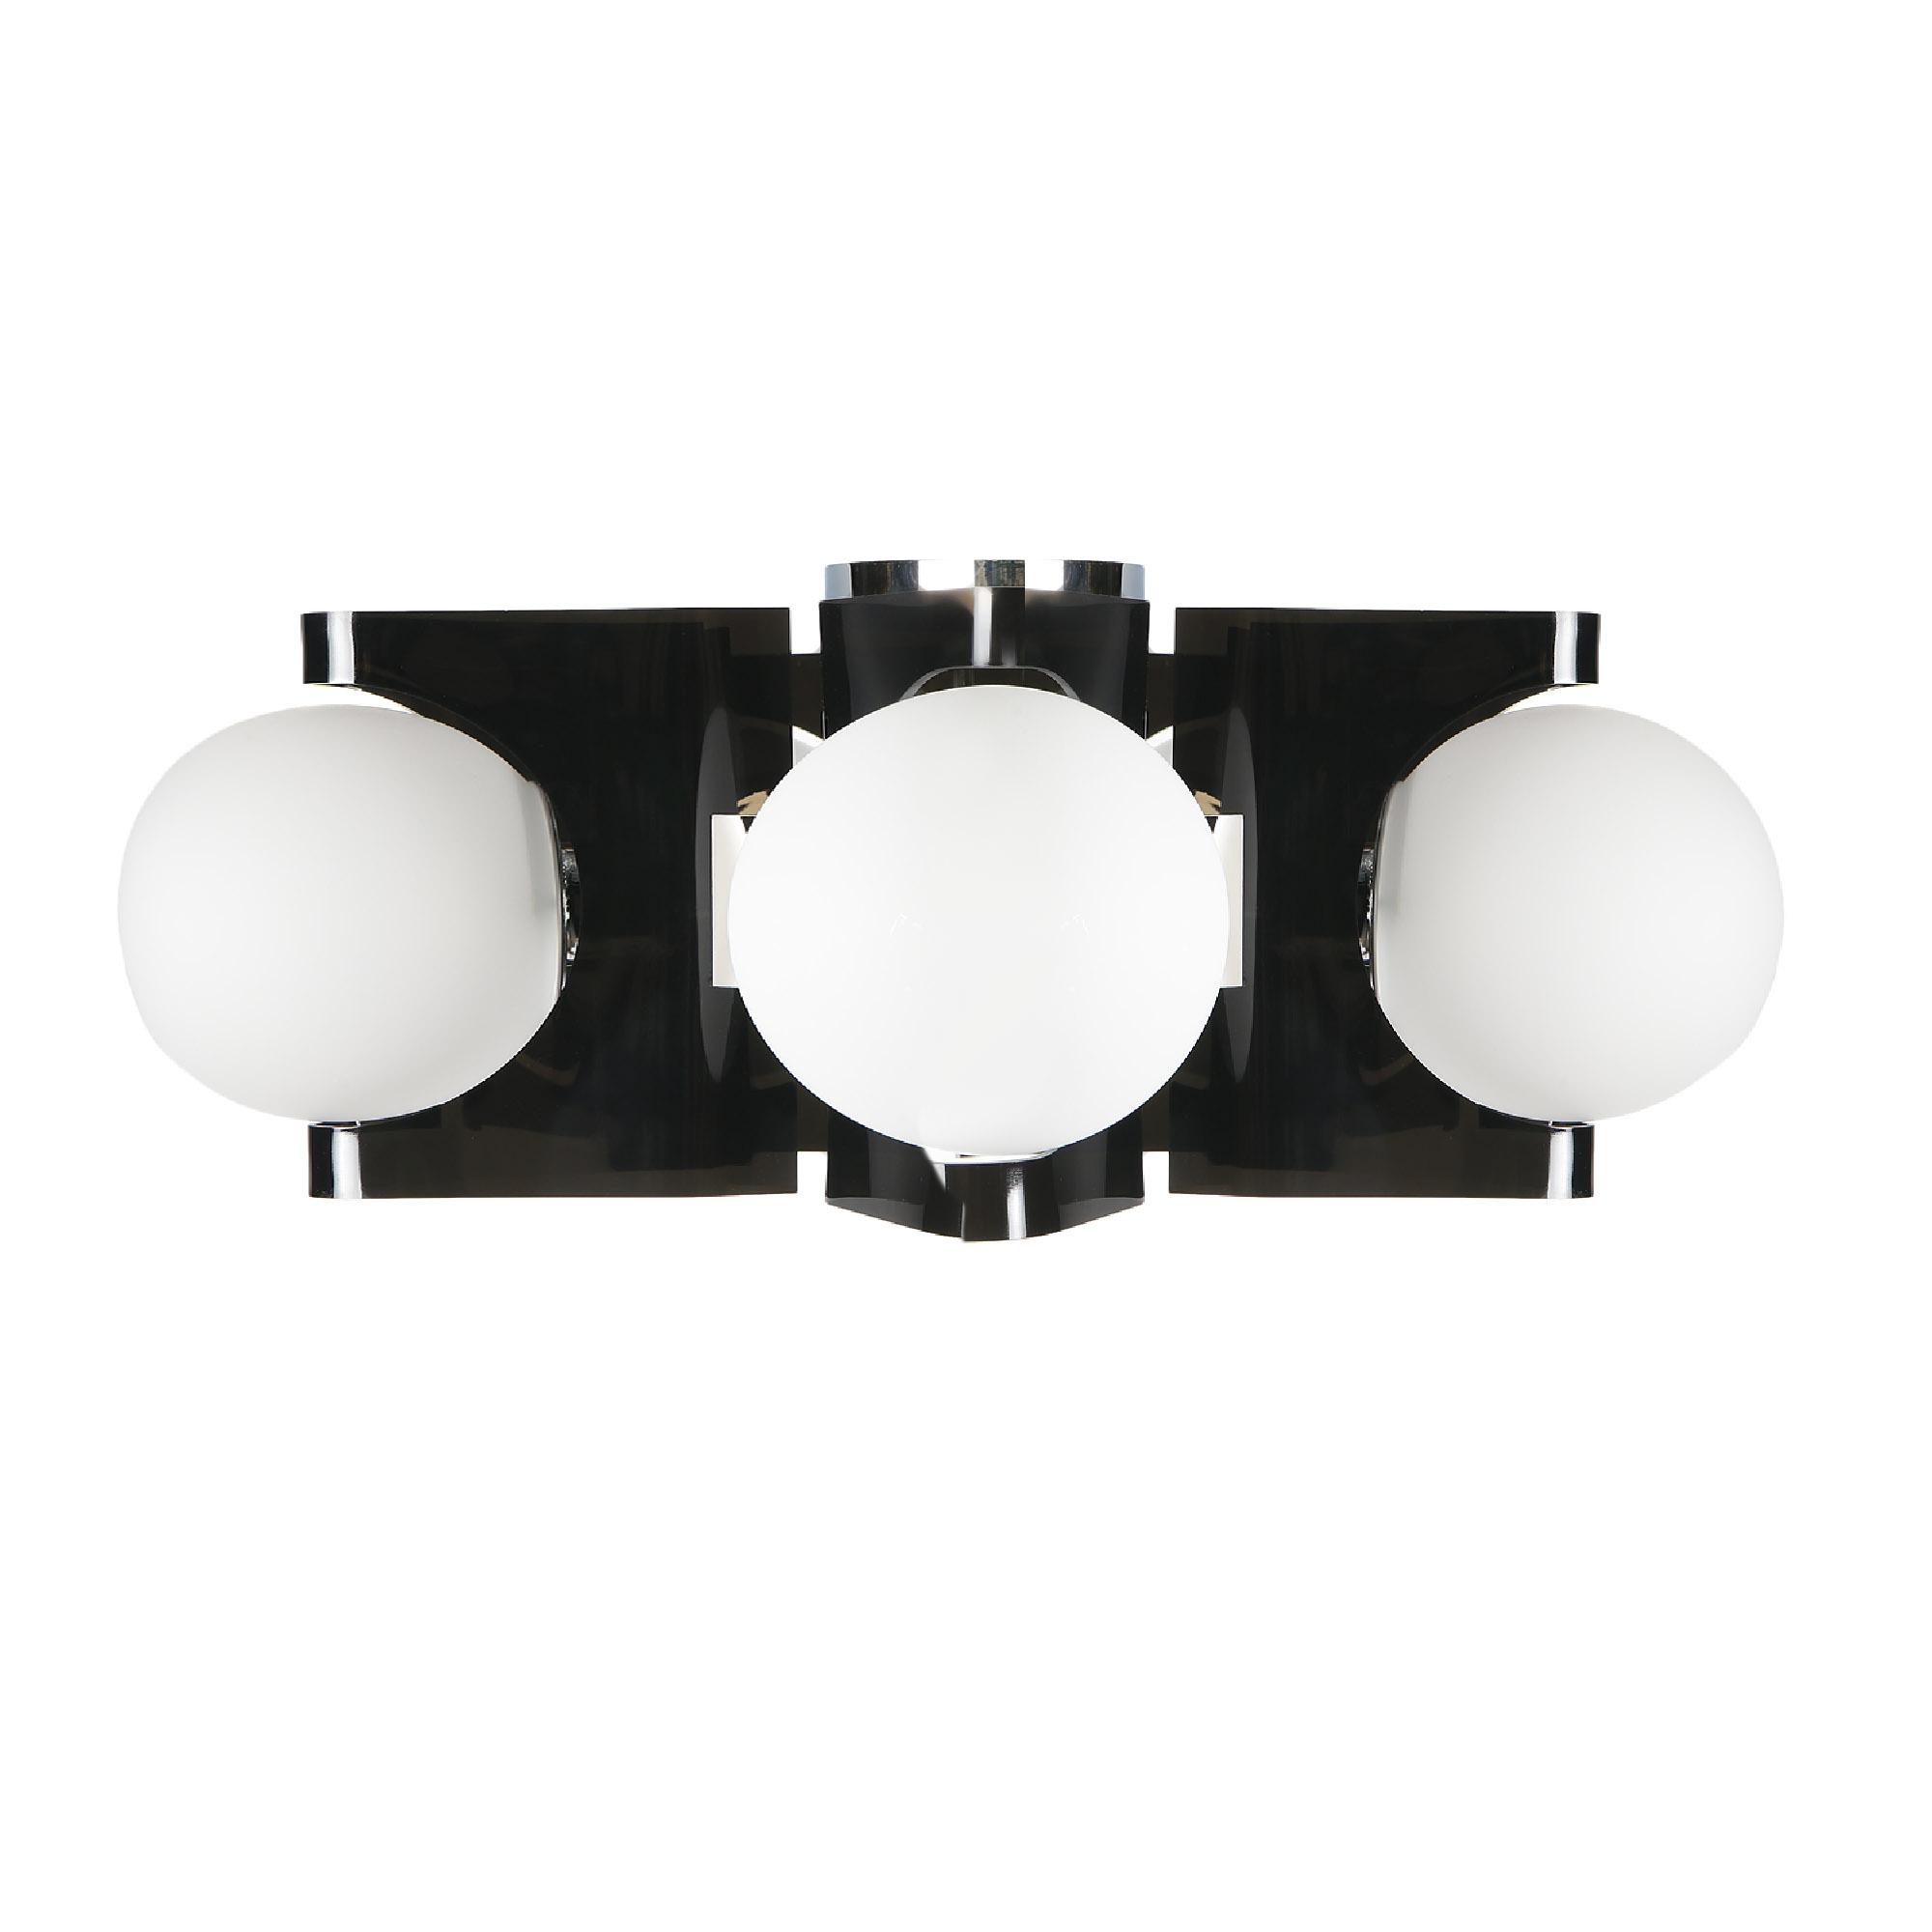 Светильник потолочный Cosma lighting C-668-5CH-B светильник потолочный idlamp cosma 395 3pf led white